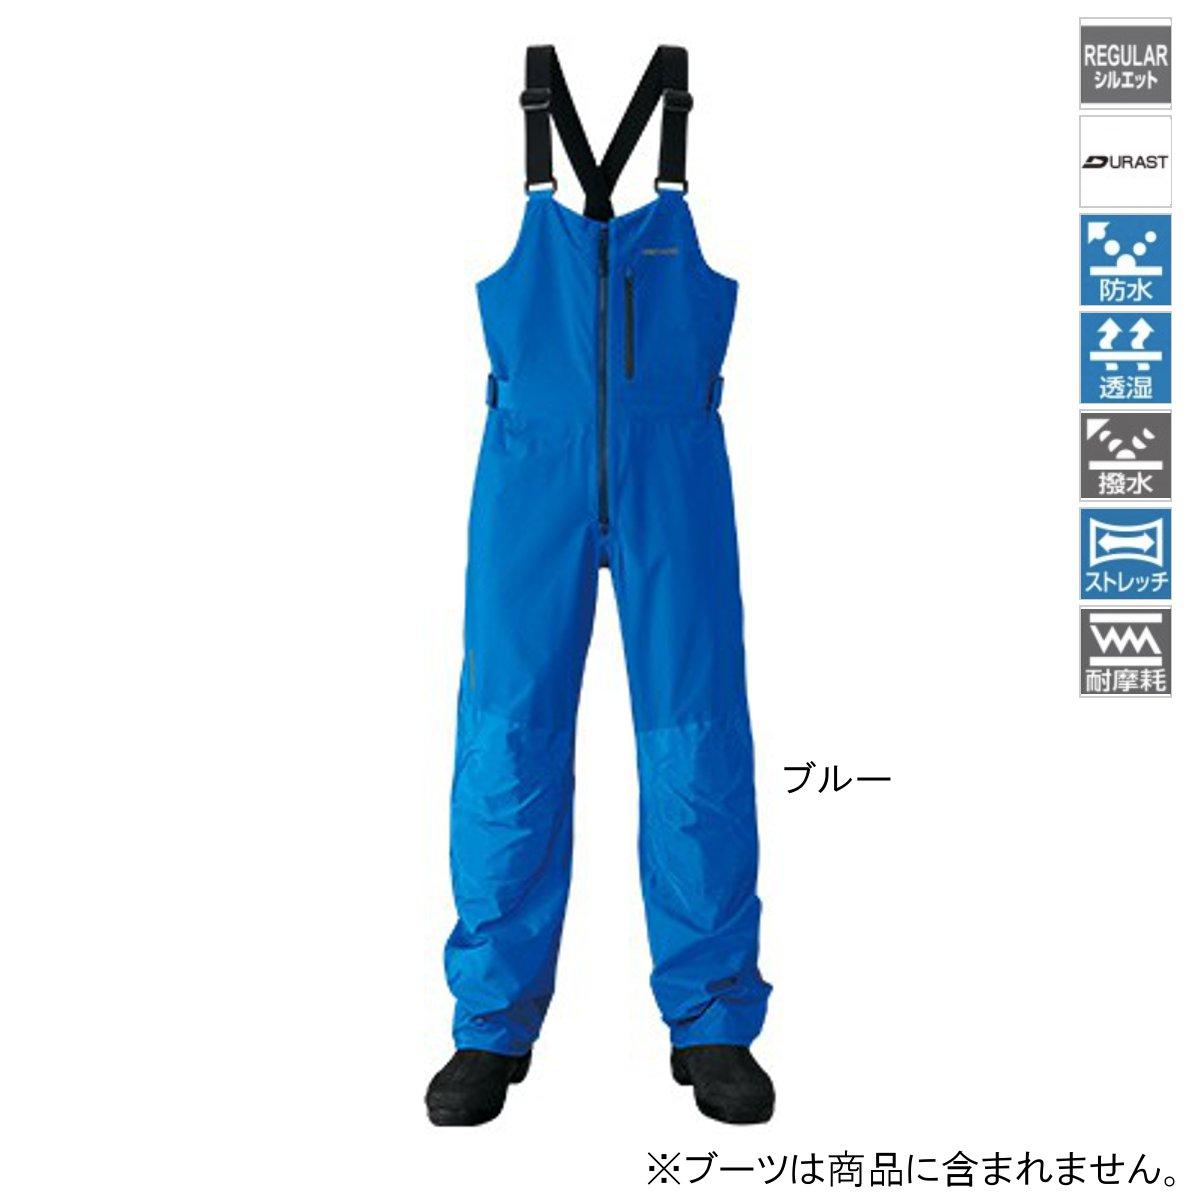 シマノ XEFO・DURASTレインビブ RA-26PS M ブルー【送料無料】